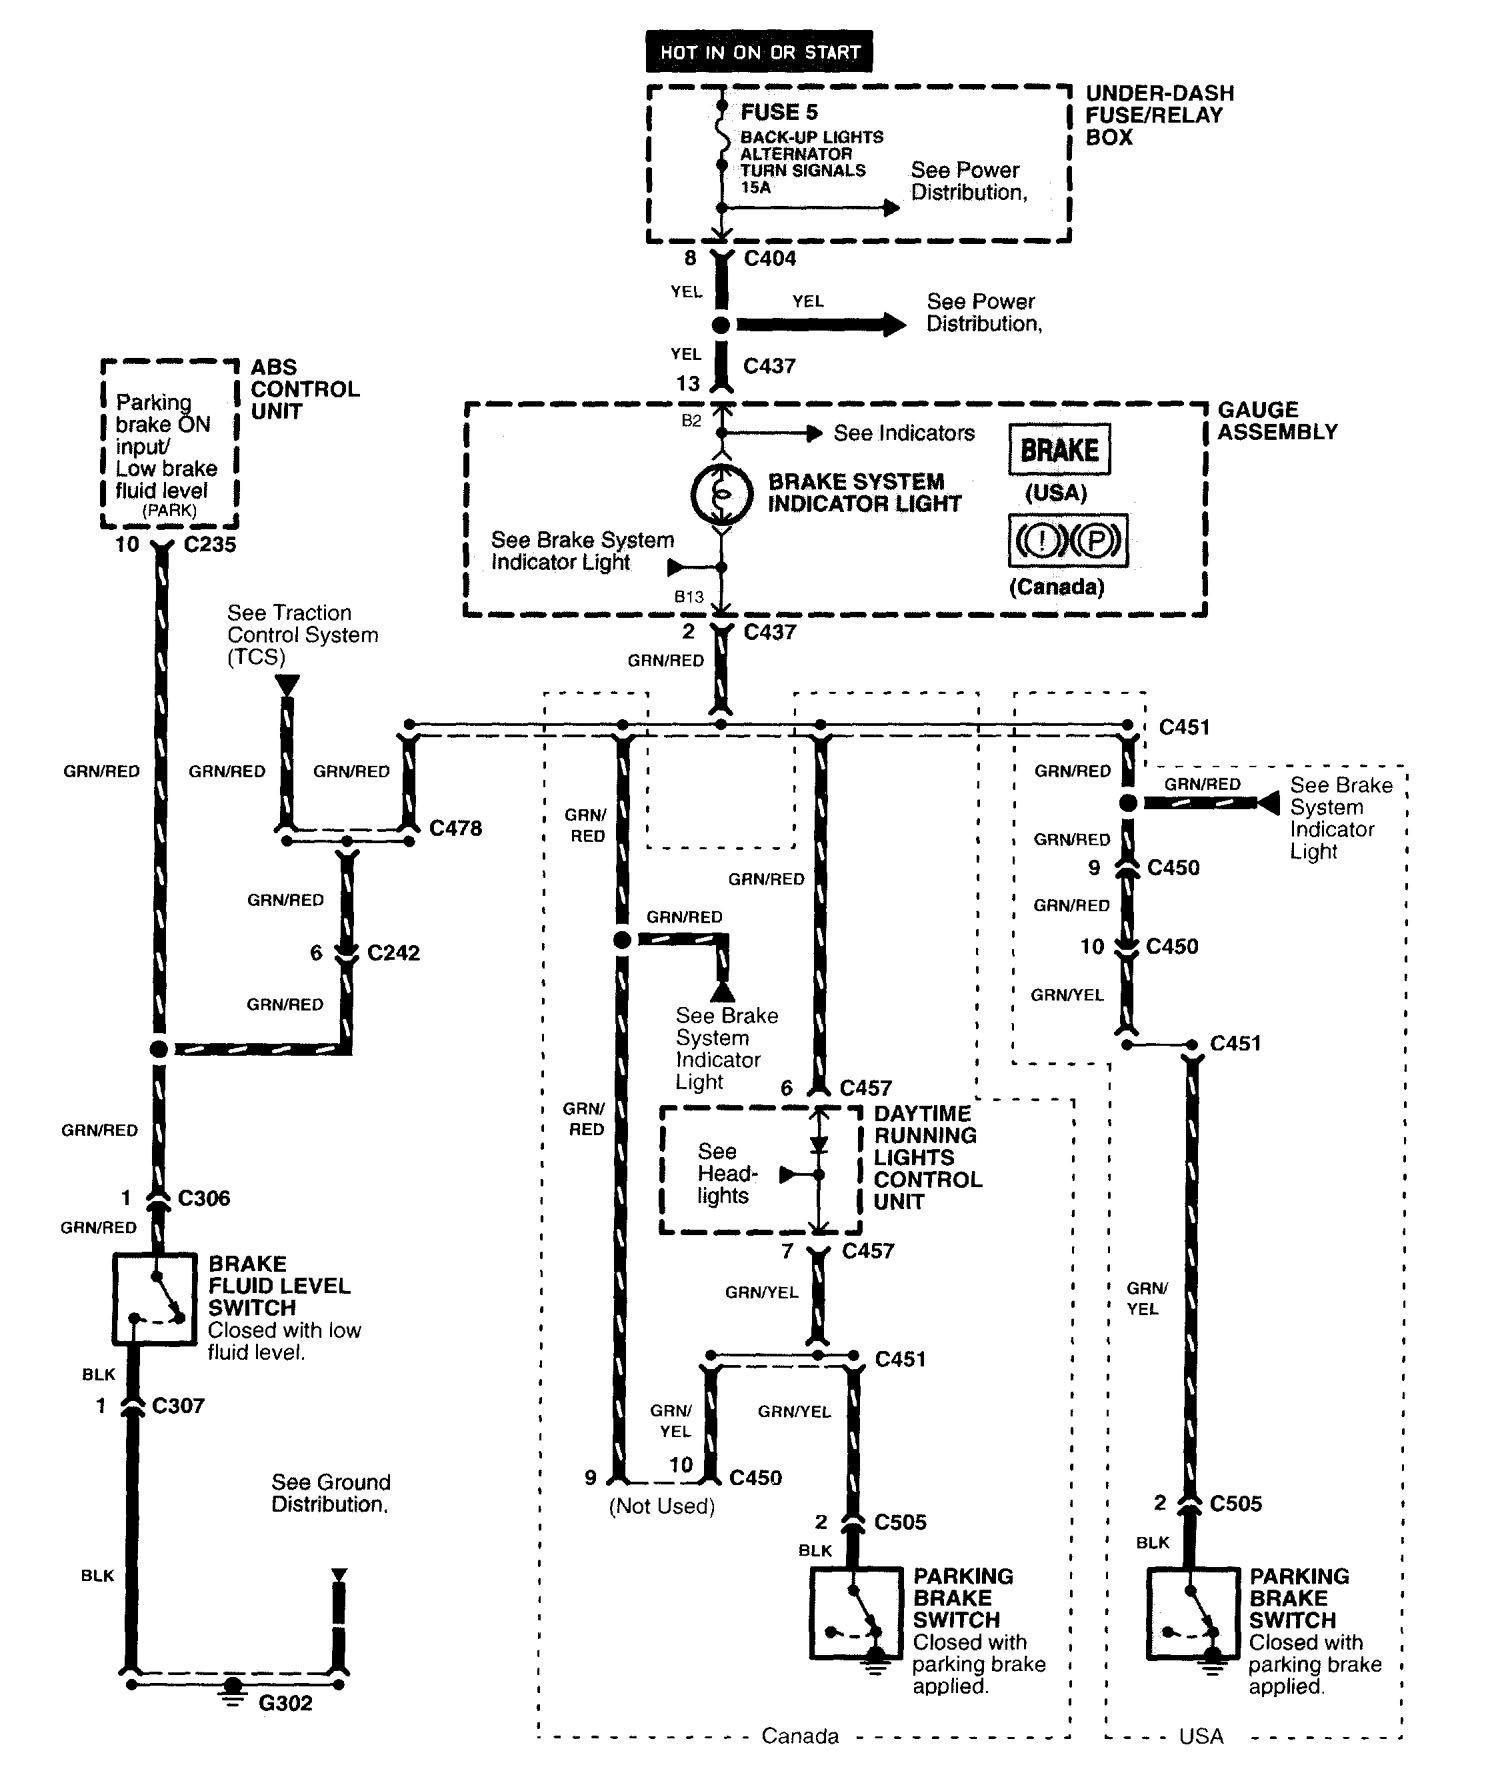 Diagram Brake System Car Diagram Braking System Emergency Brake Diagram astonishing Diagram